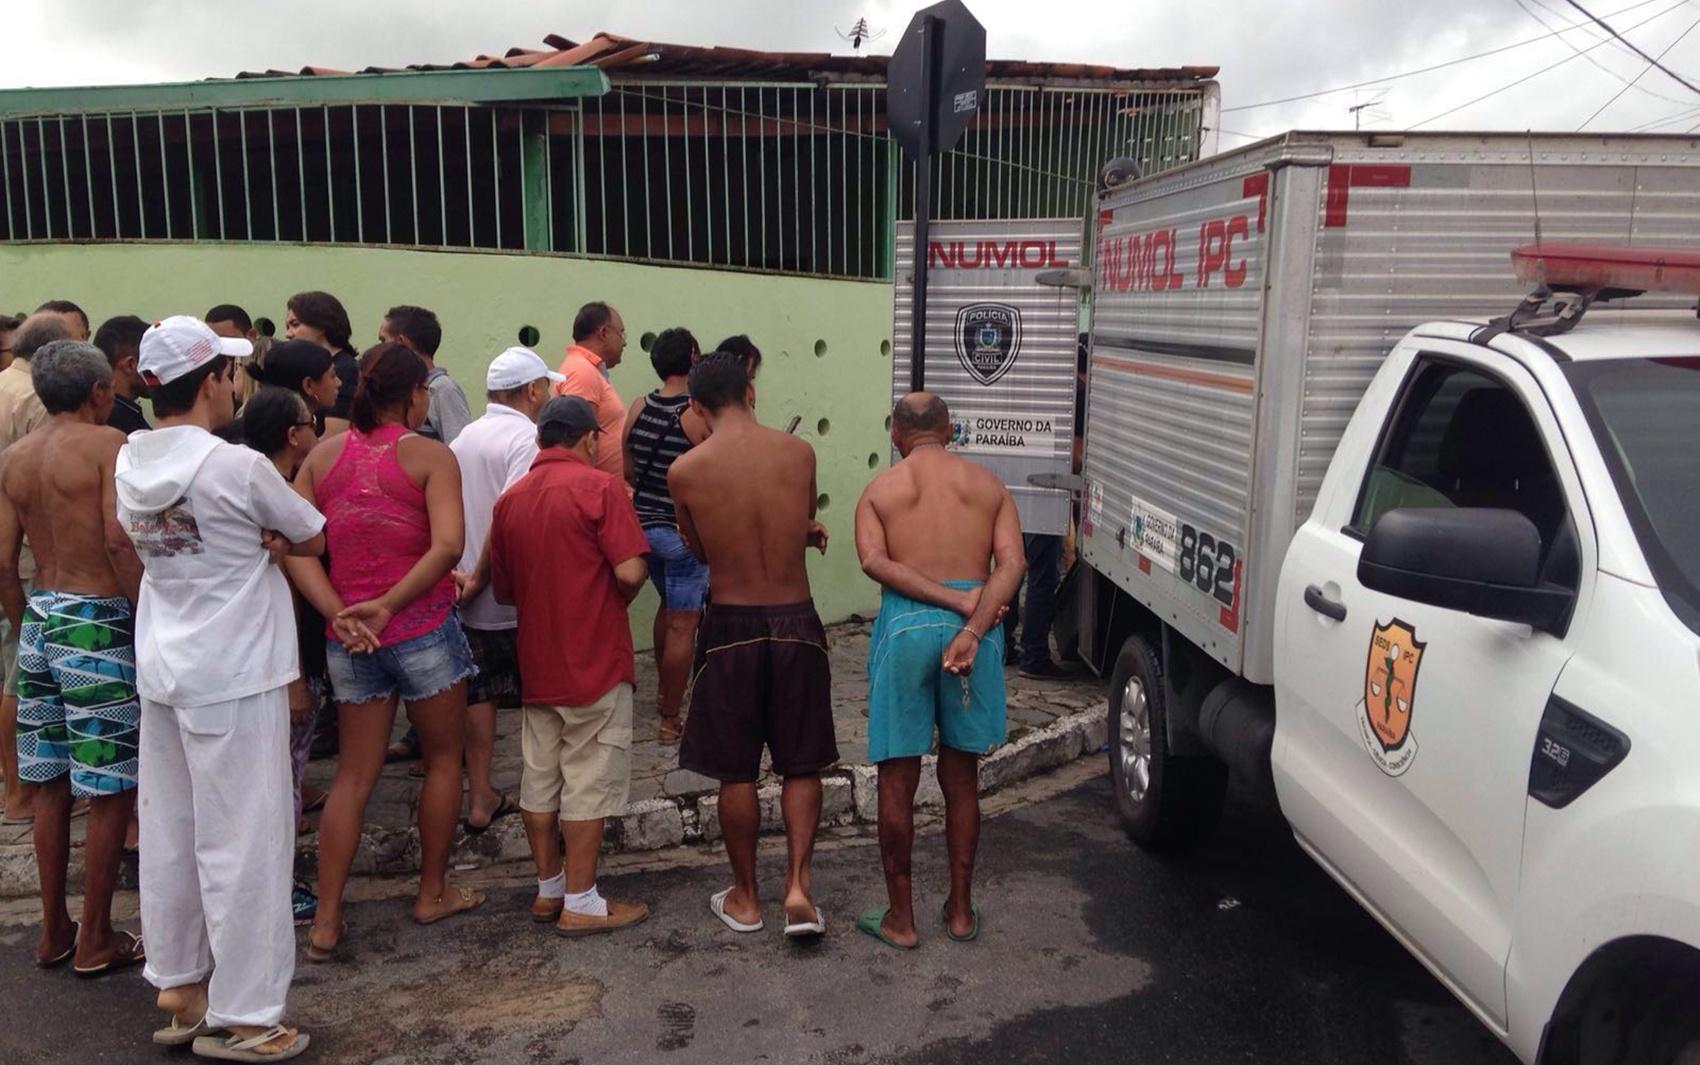 Vítima foi achada na esquina das ruas José Tadeu Cabral e Eurydice de Barros Esteves, em Mangabeira (Foto: Walter Paparazzo)